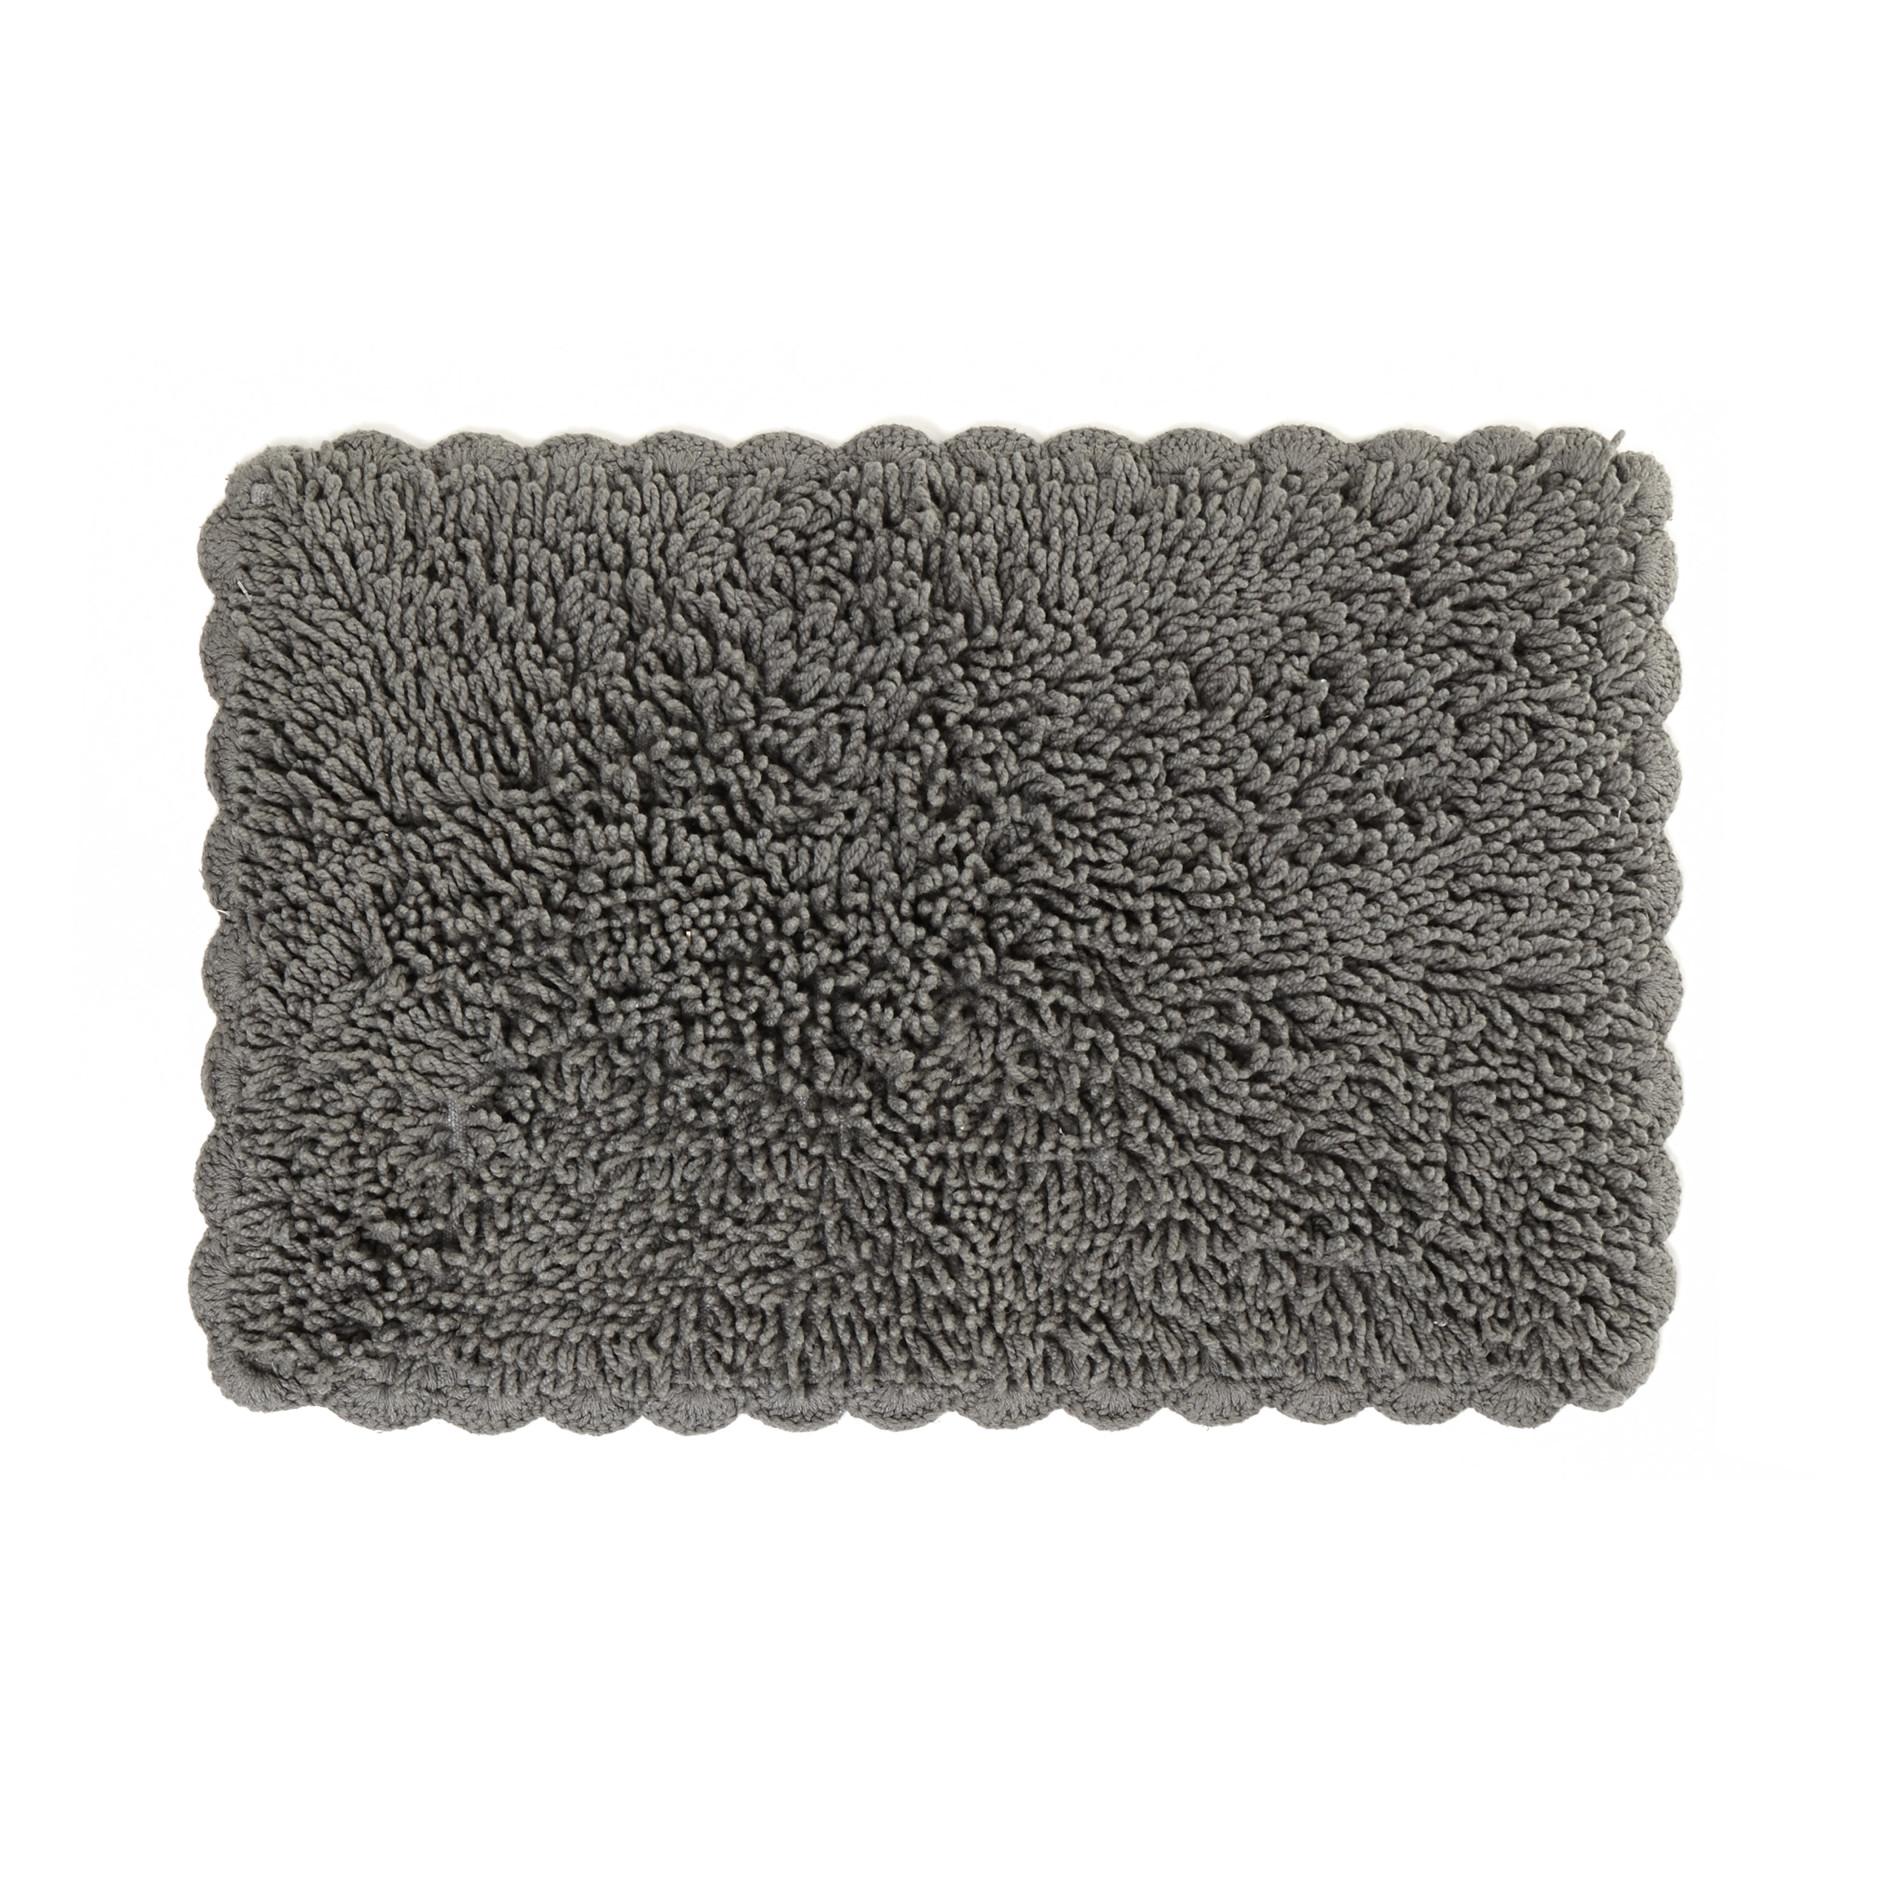 Tappeti Bagno Uncinetto : Tappeto bagno con crochet coincasa